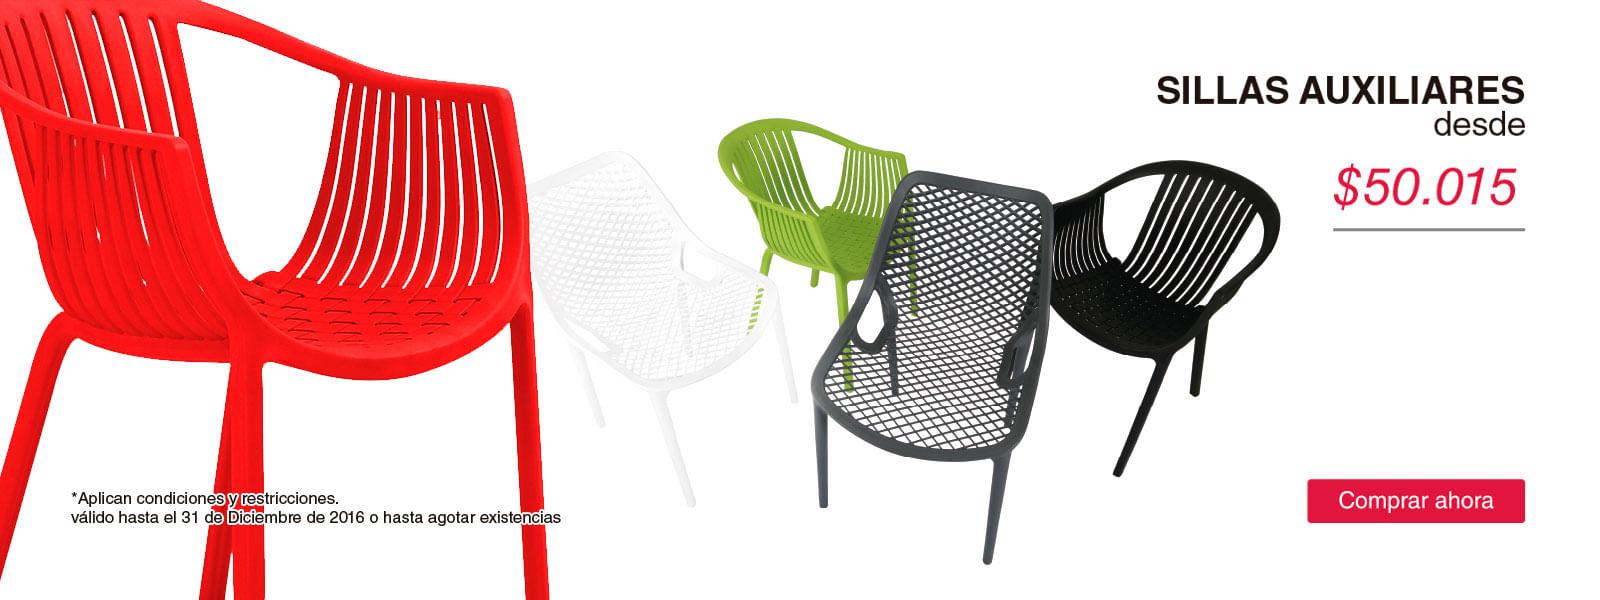 Elmobiliario tienda online de muebles y decoraci n for Sillas oficina black friday